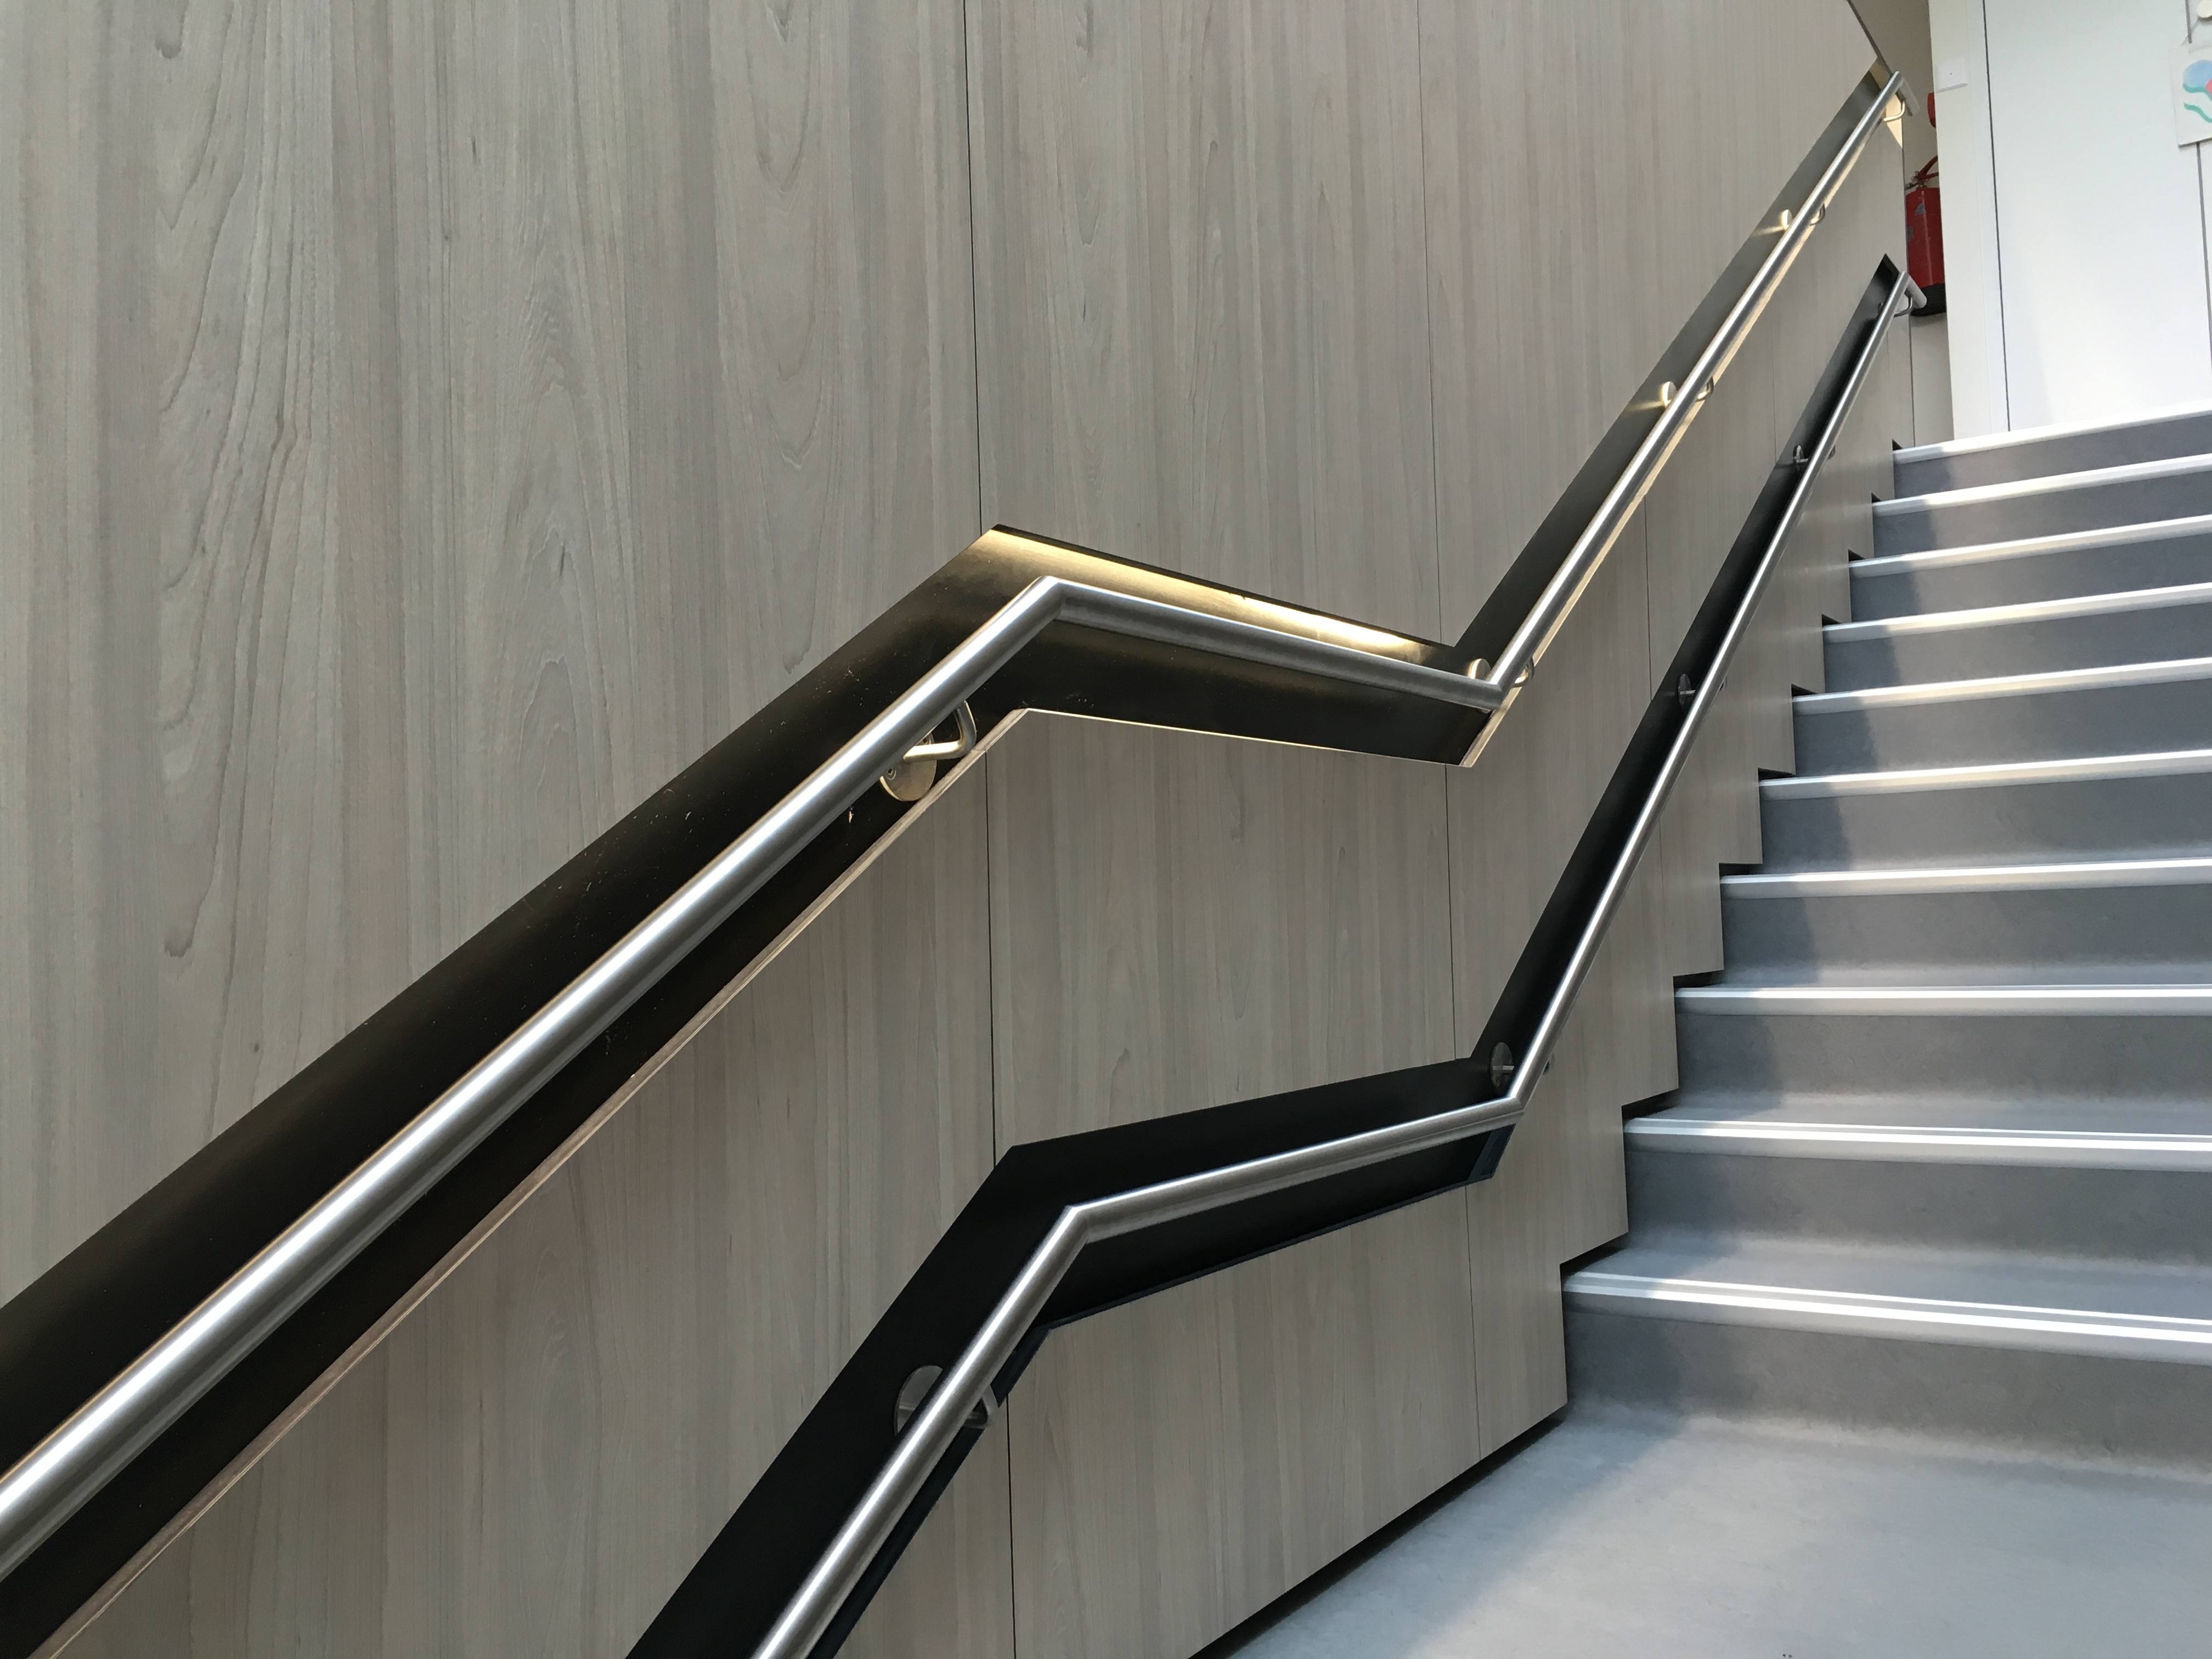 escalier_crèche